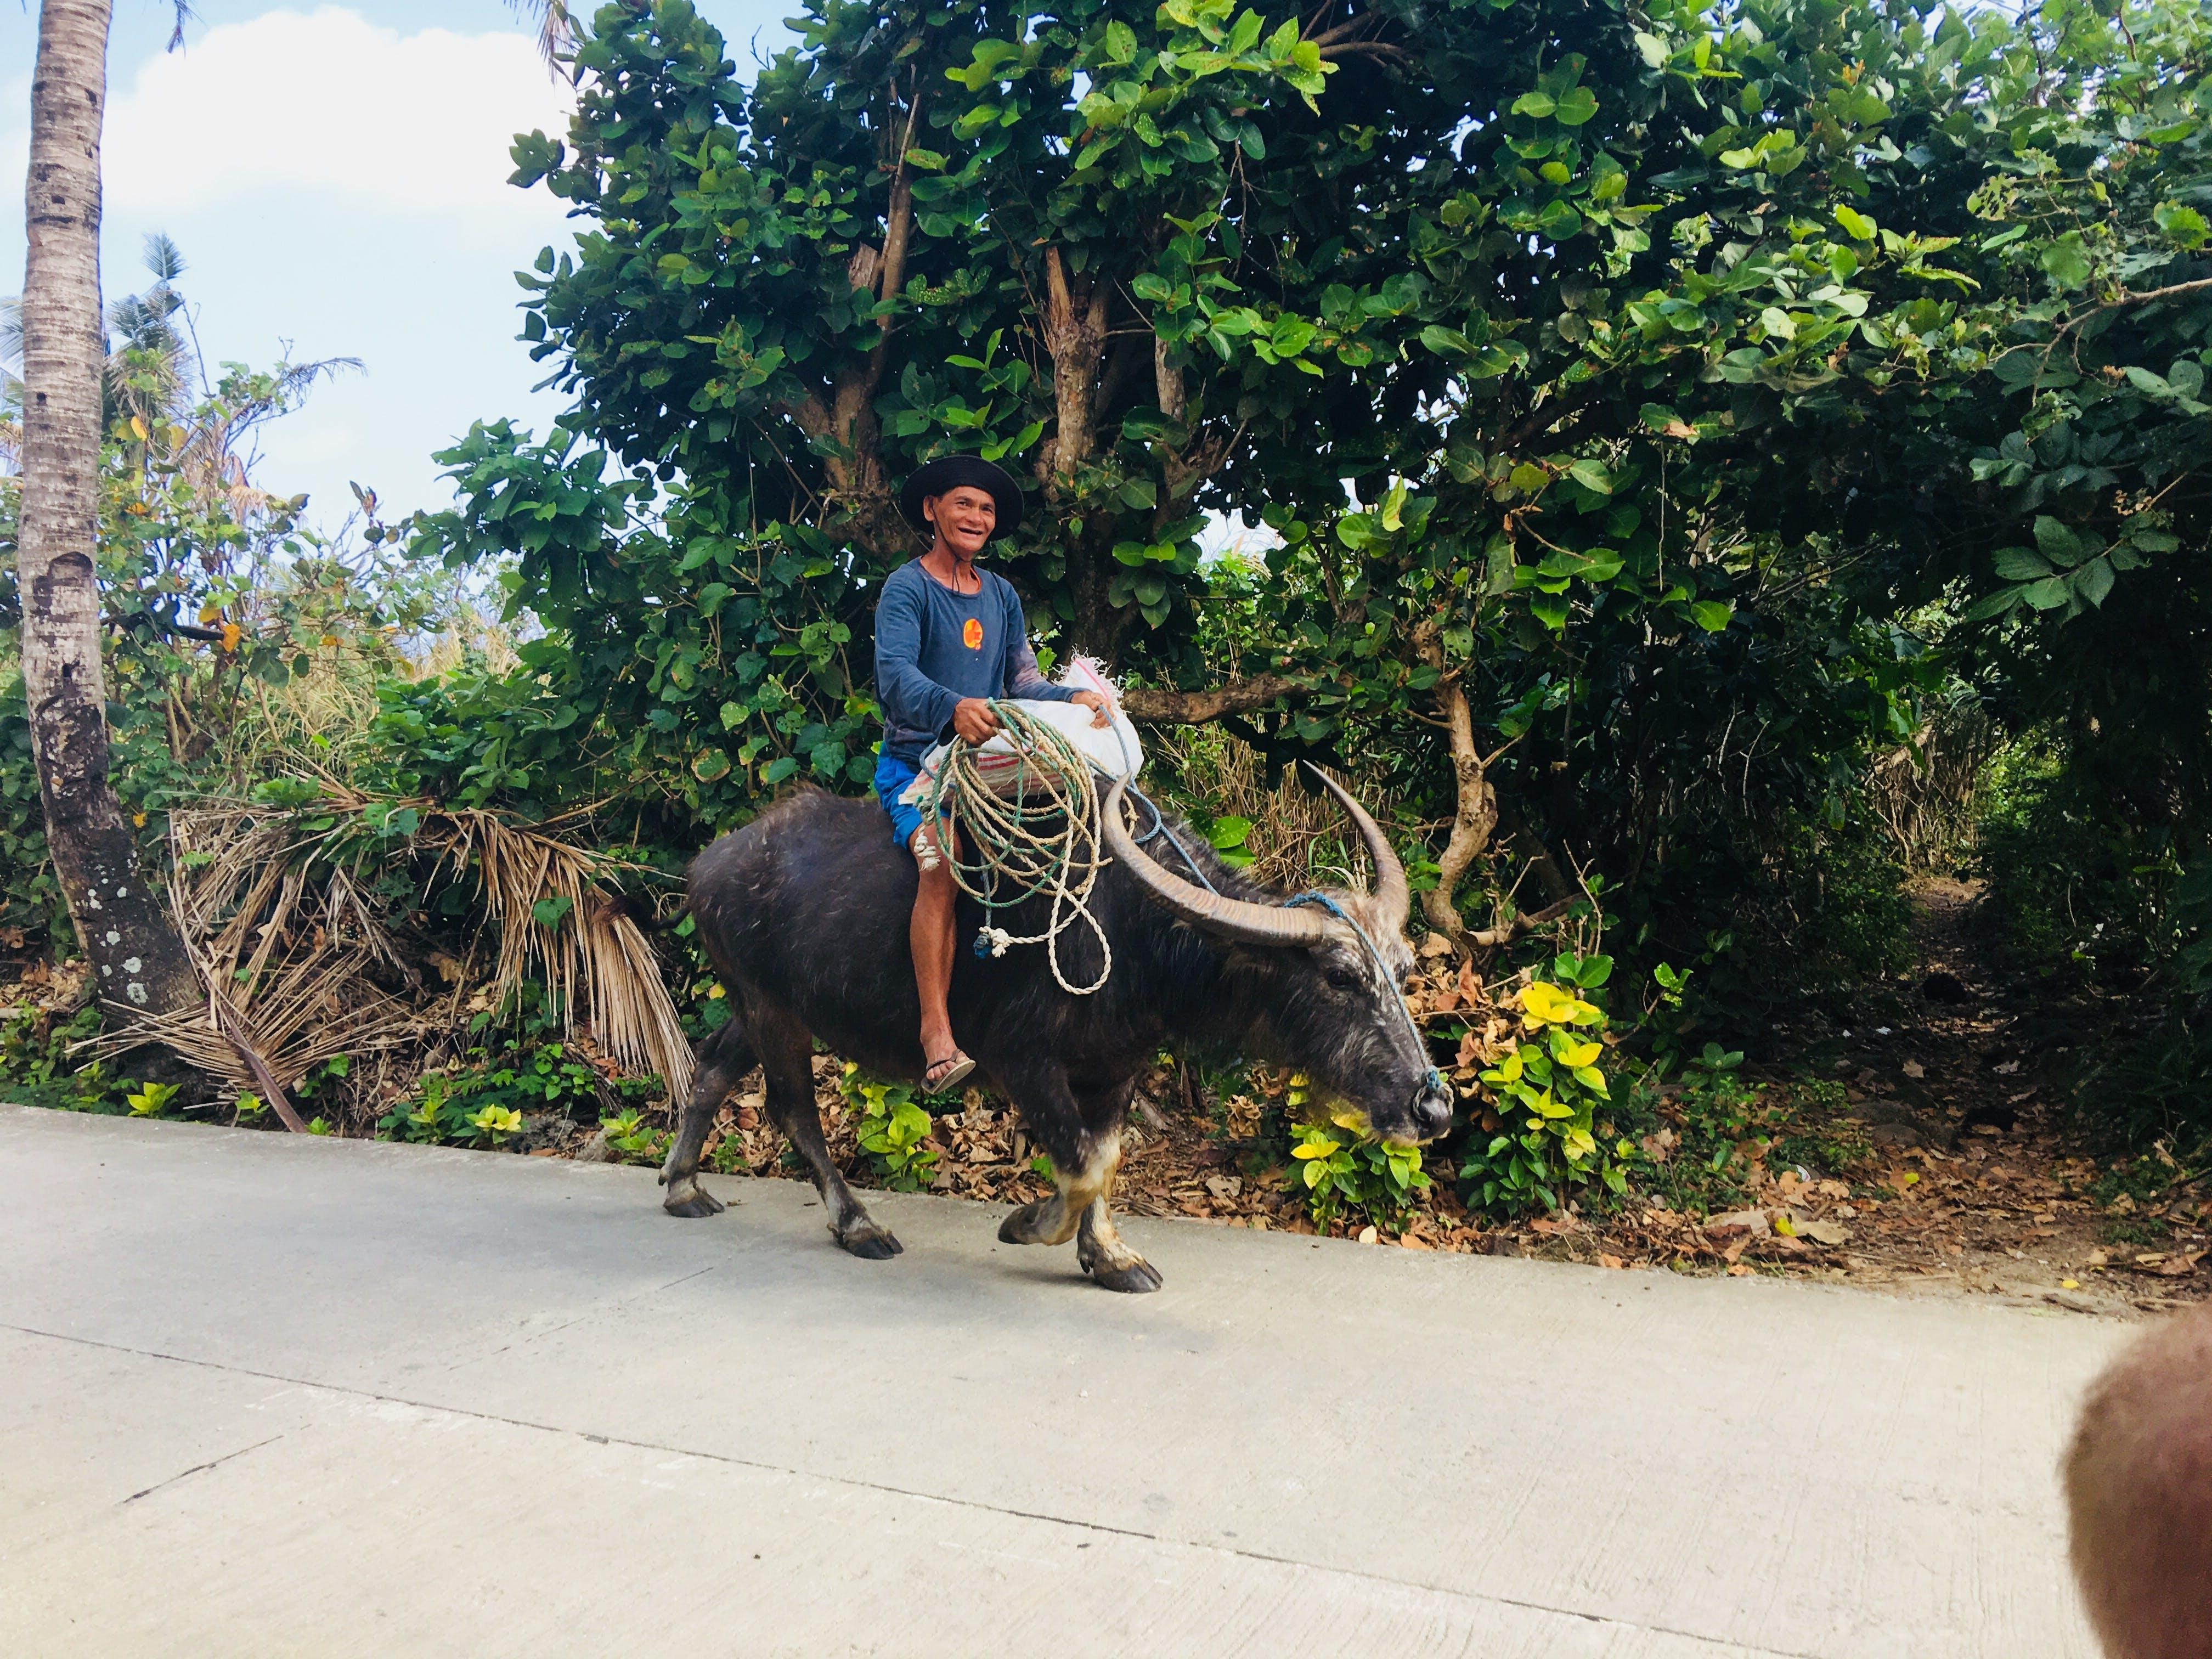 Local villager riding an oxen